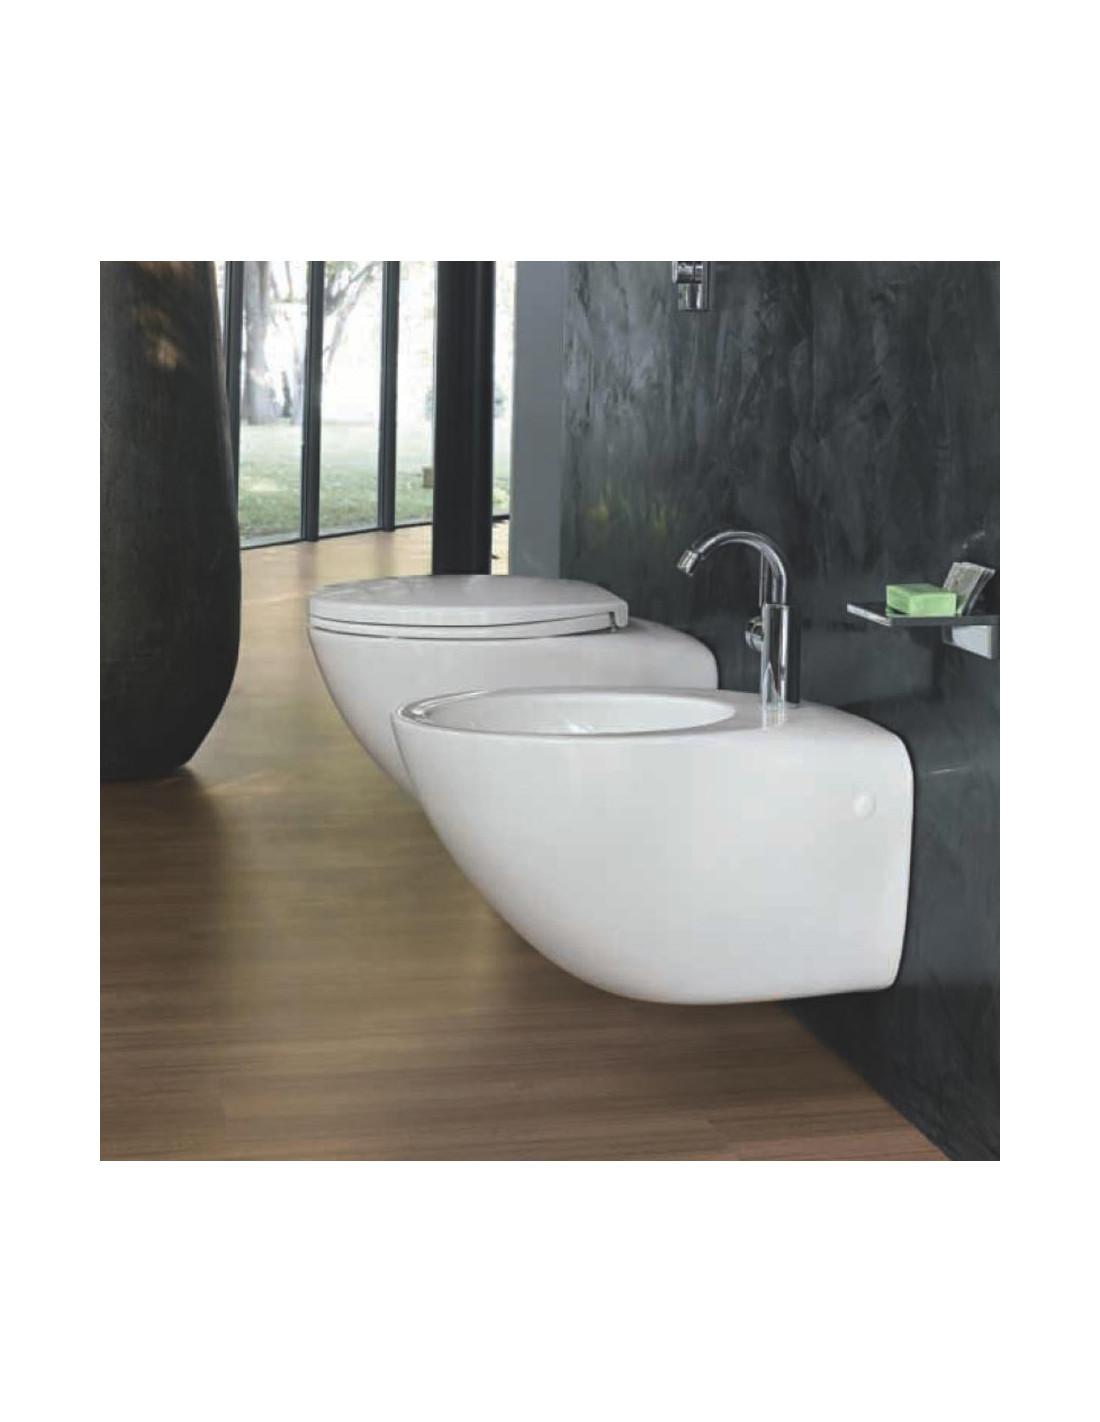 Sanitari quaranta ceramiche pozzi ginori vaso bidet e coprivaso - Richard ginori sanitari bagno ...